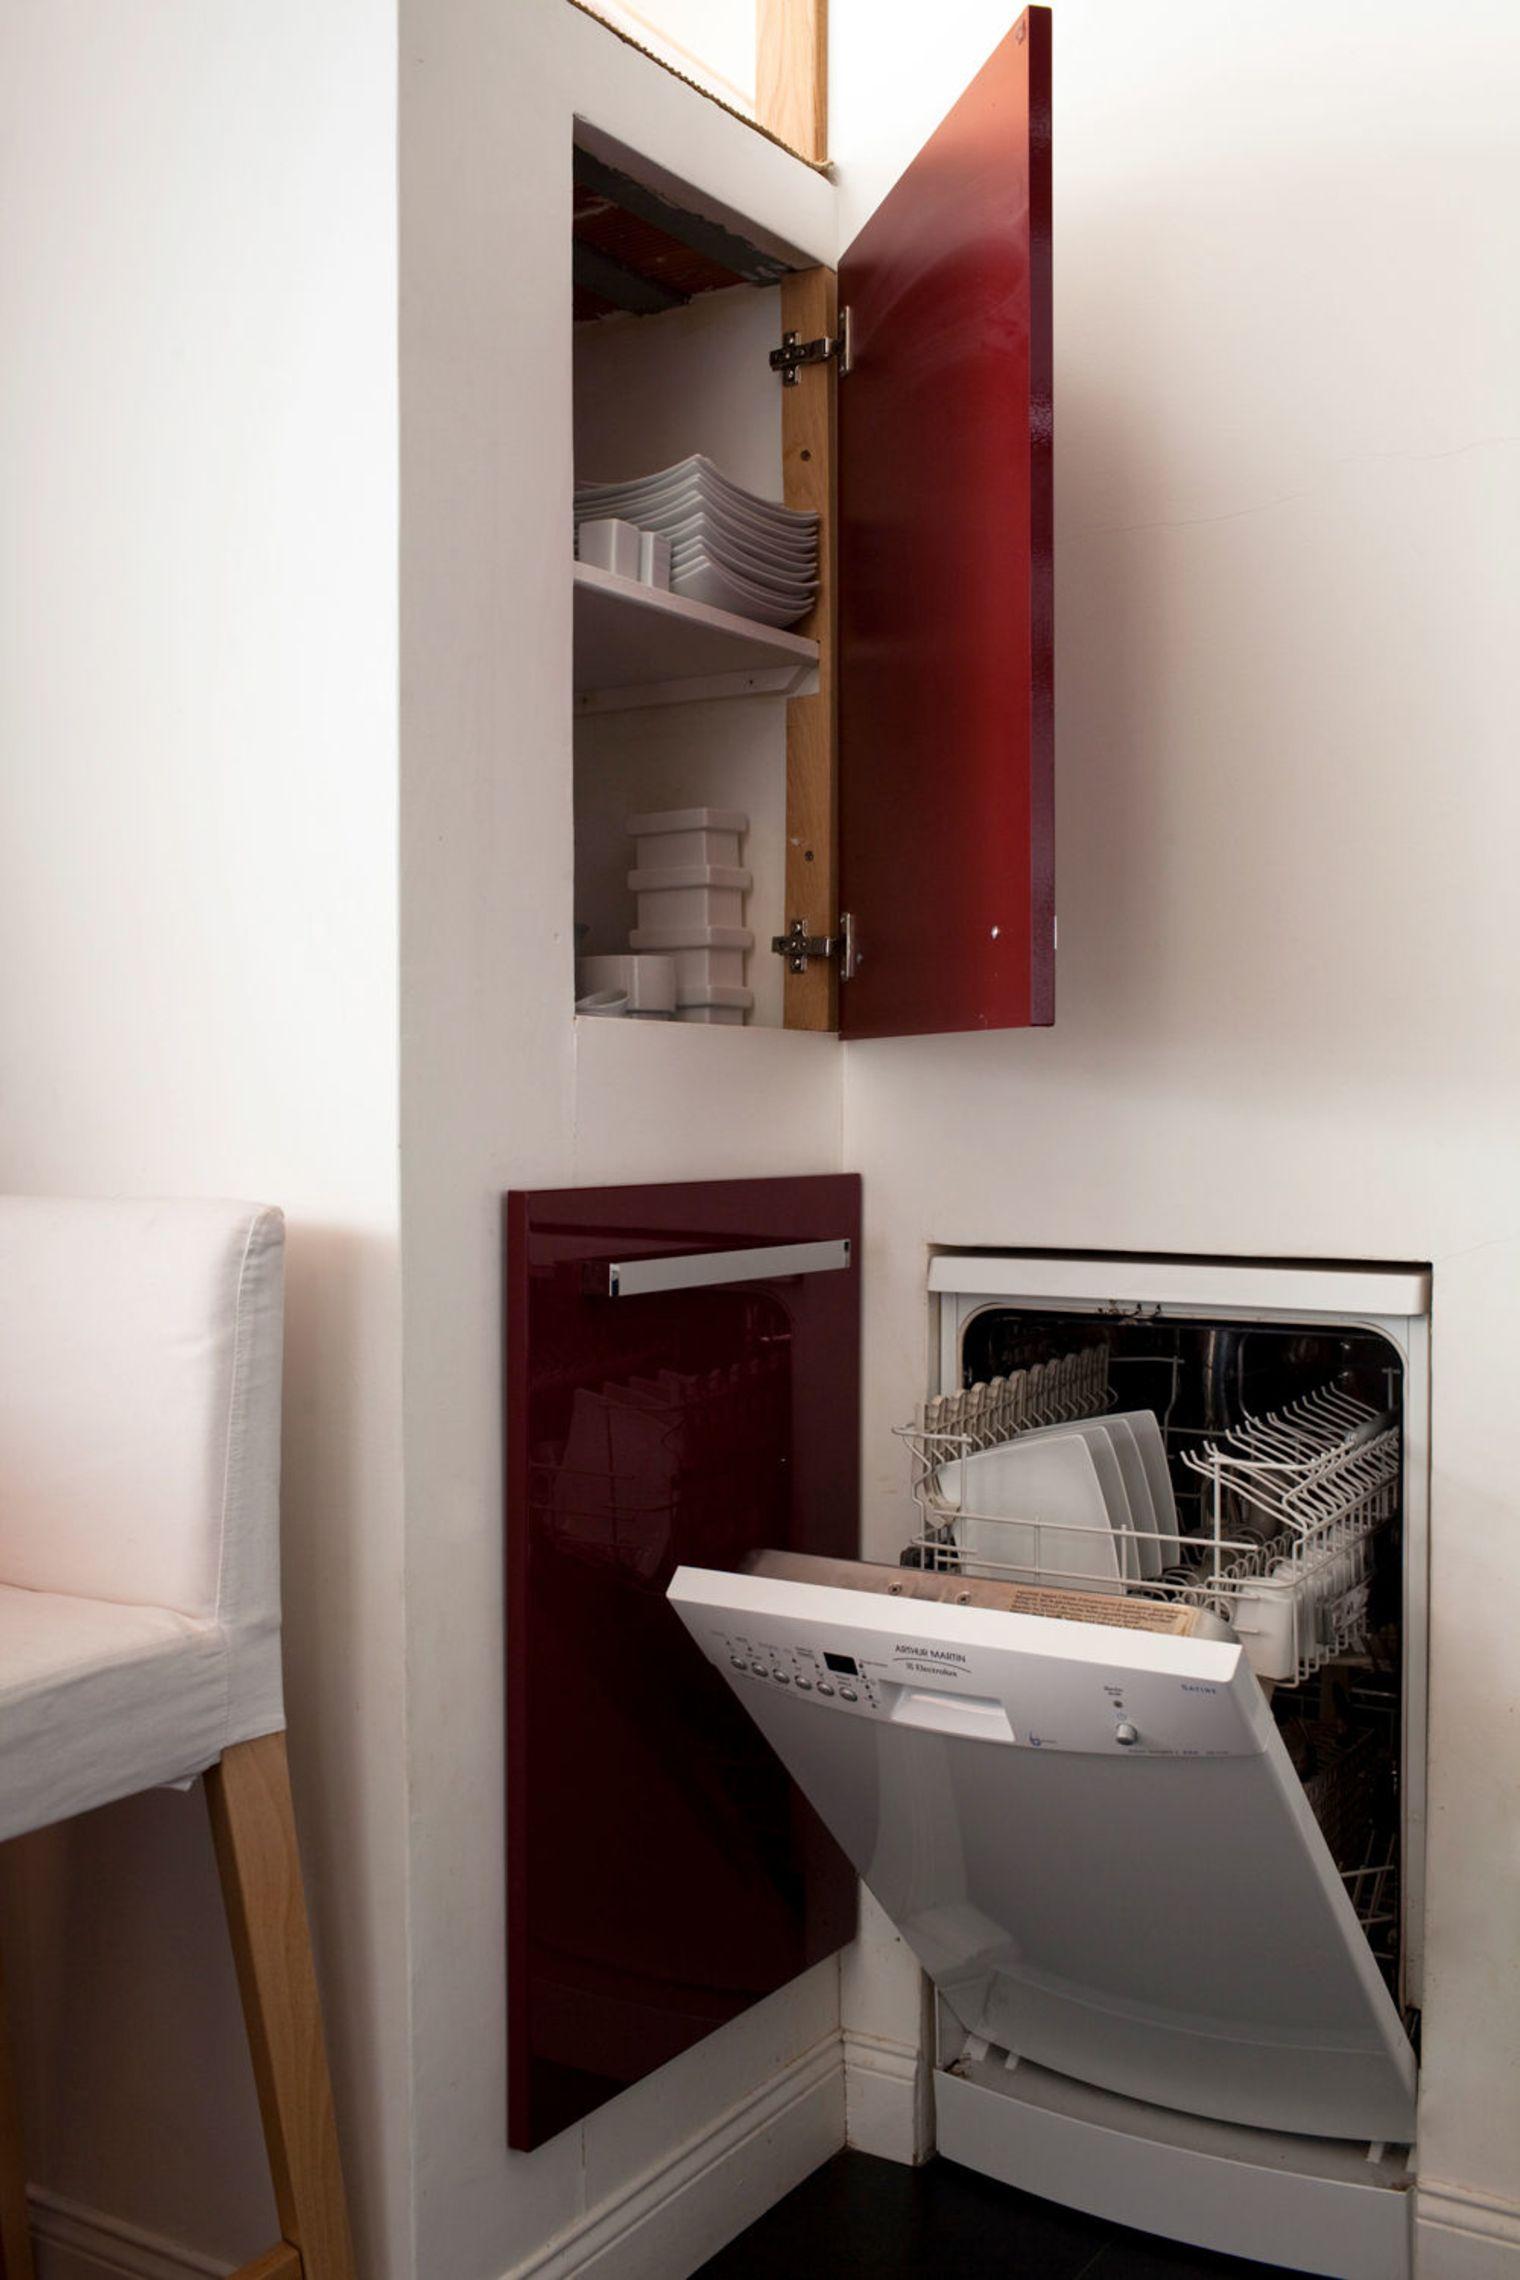 Встроенная техника в дизайне маленькой кухни